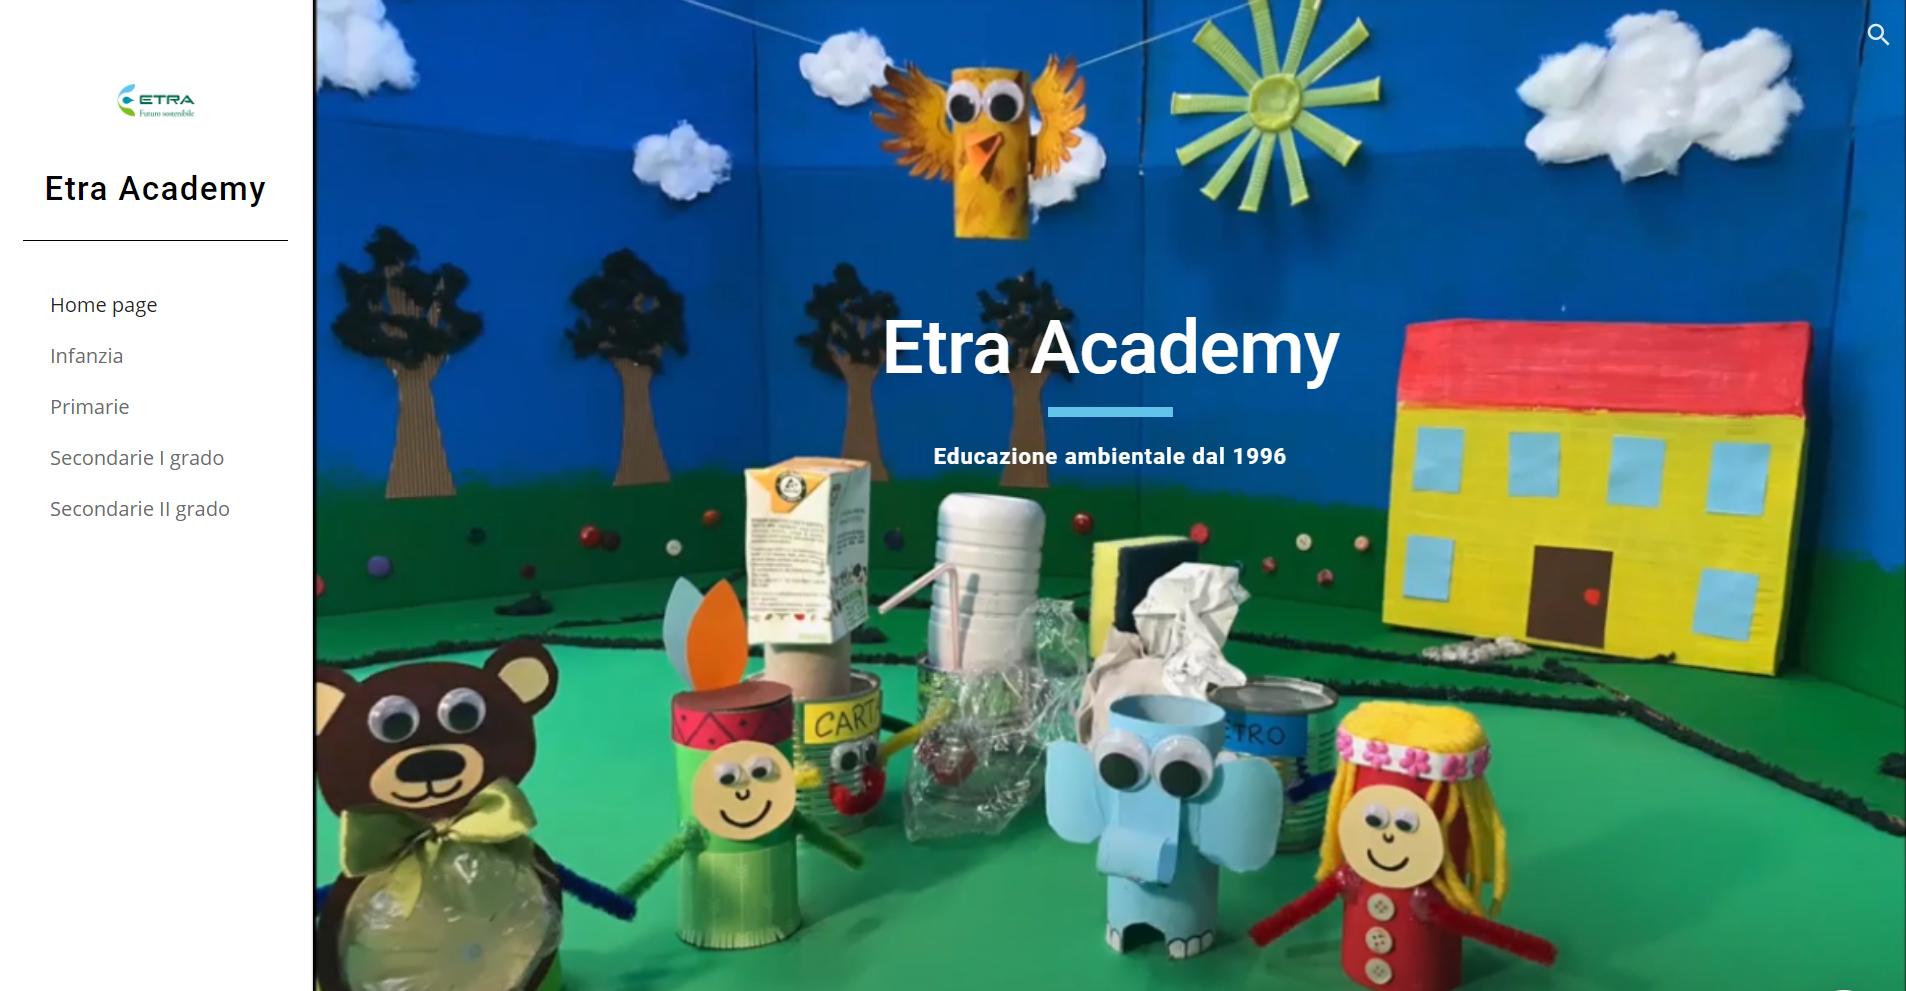 Mini sito Etra Academy